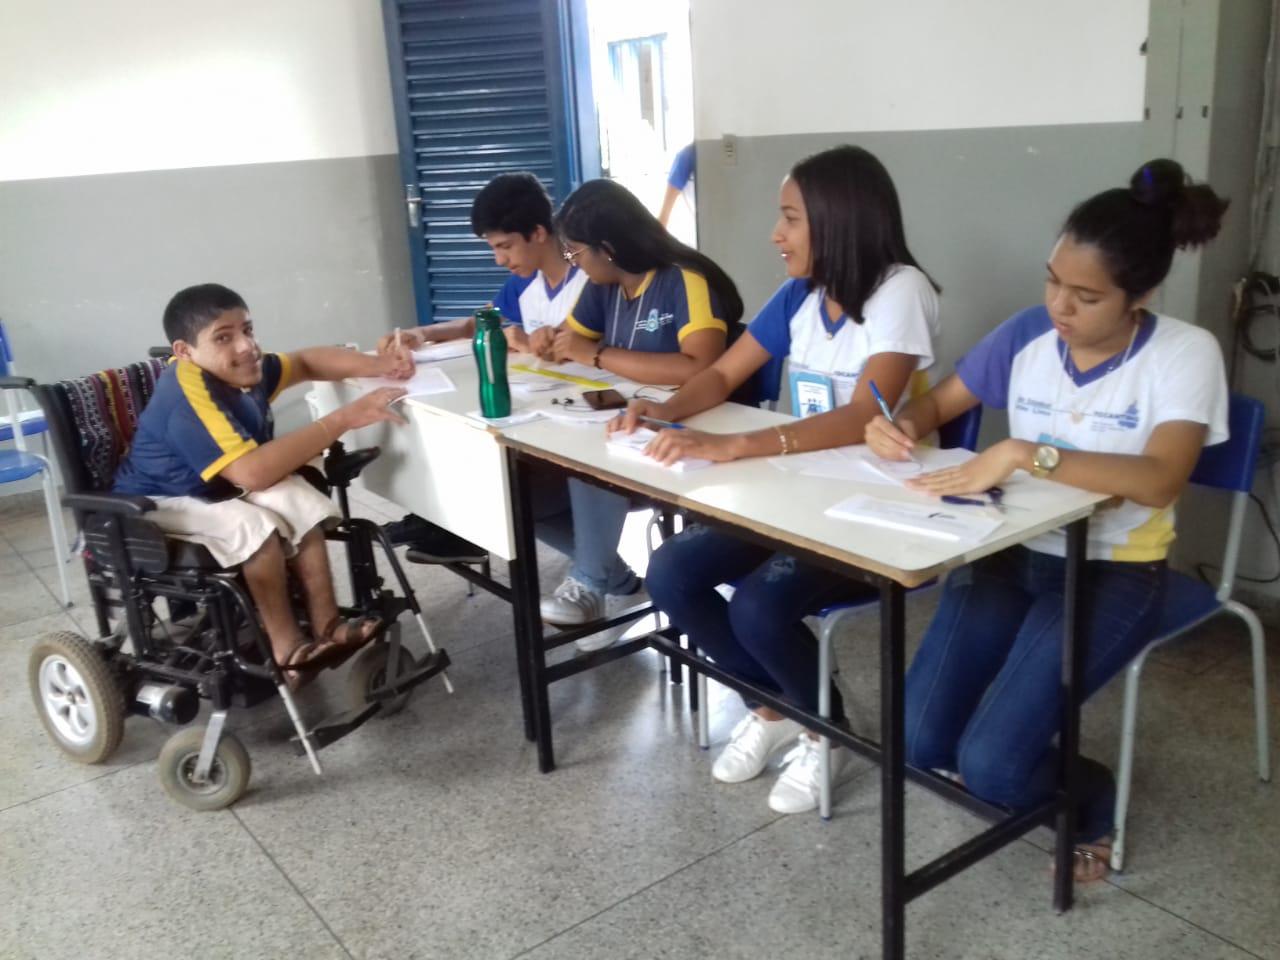 Protagonismo juvenil é destaque em eventos alusivos a Grêmios Estudantis de escolas estaduais TO